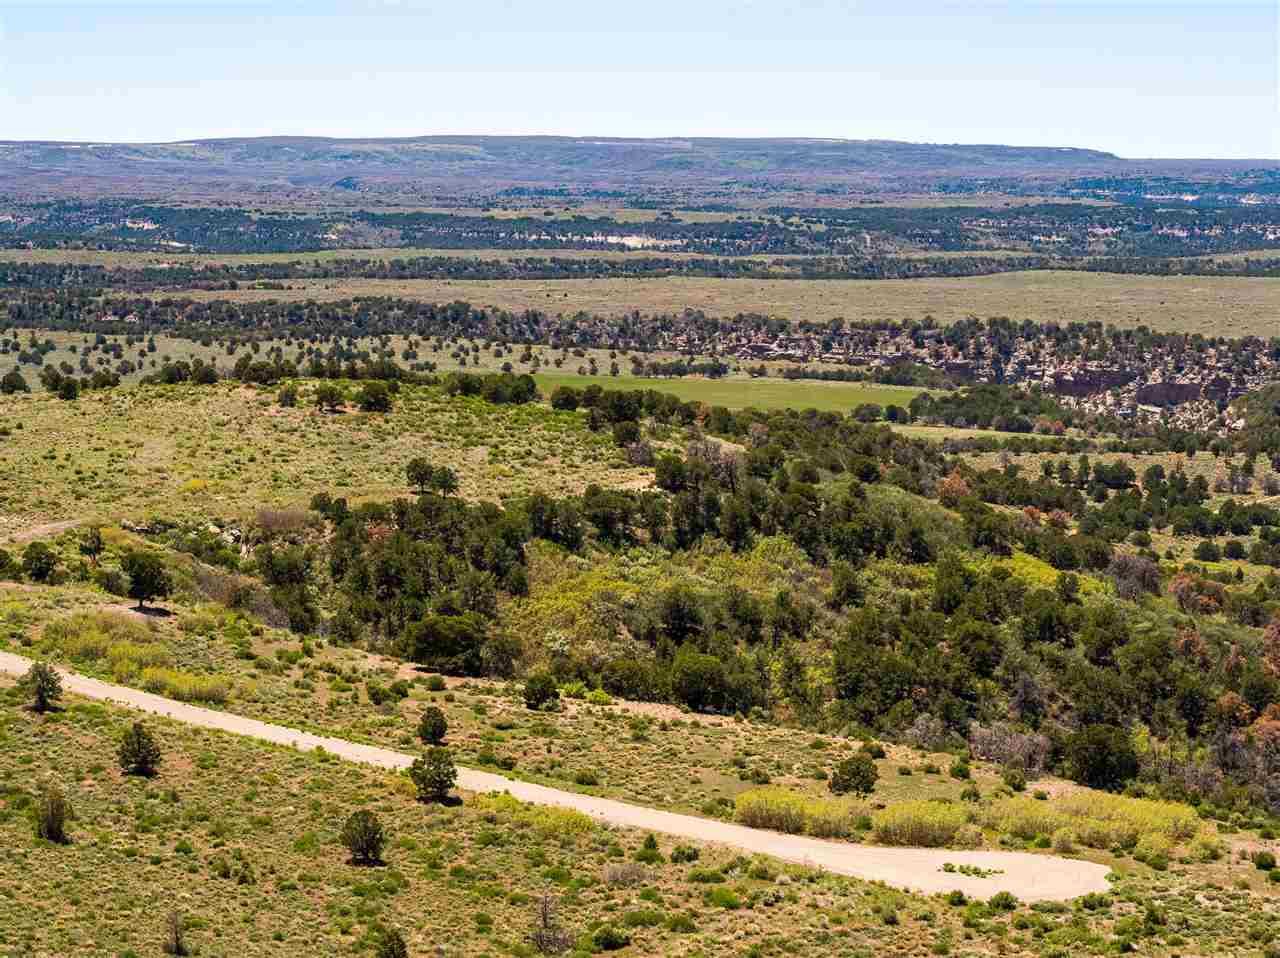 Tbd Lot 48 Eagle View Drive Property Photo